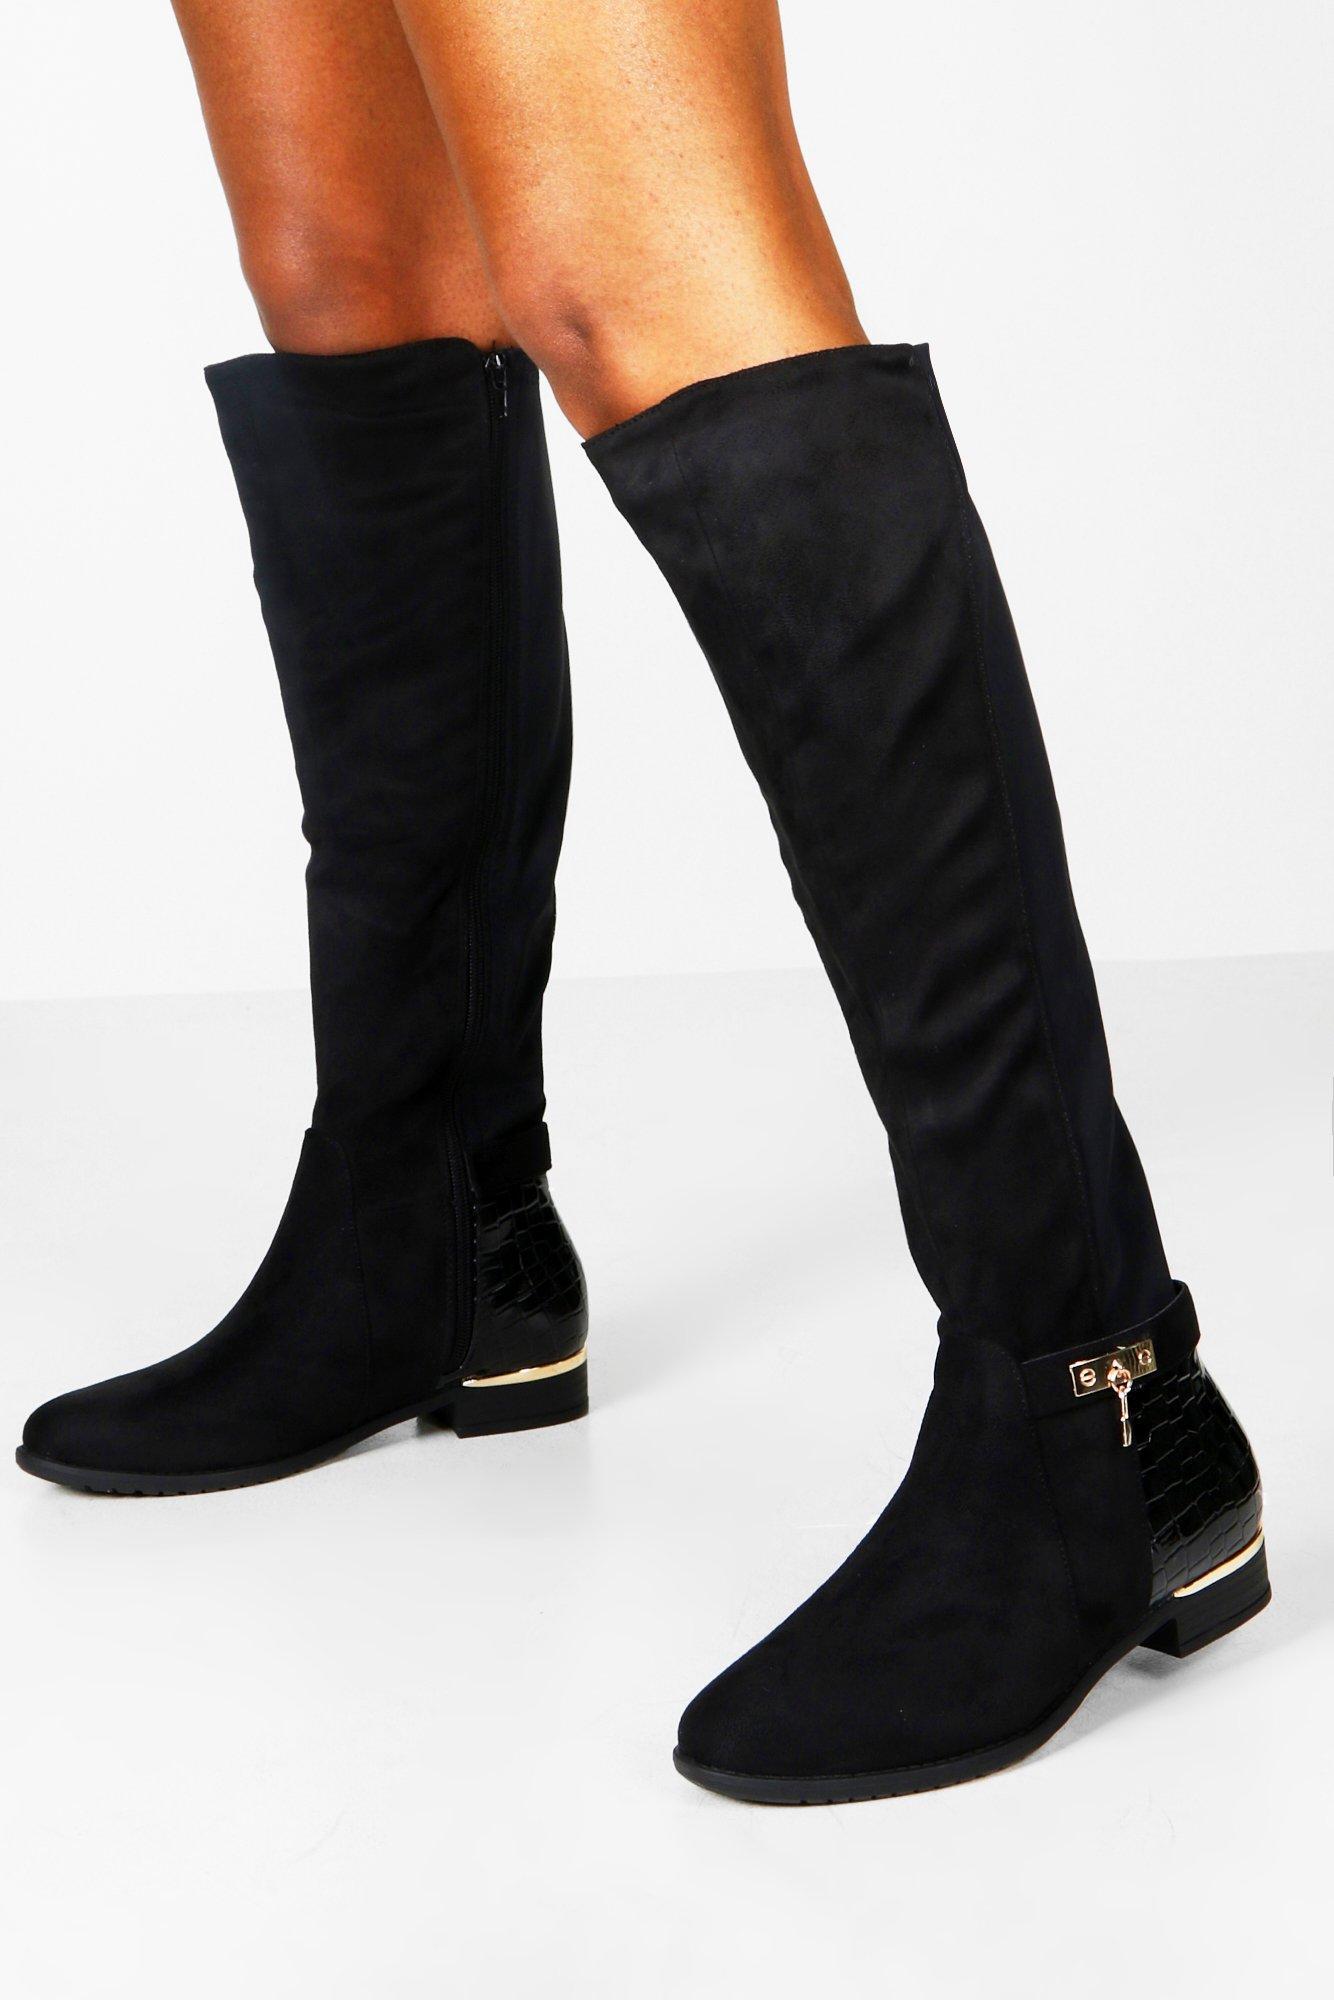 Купить Boots, Высокие сапоги из искусственной замши с эффектом крокодиловой кожи на плоской подошве со вставкой, boohoo